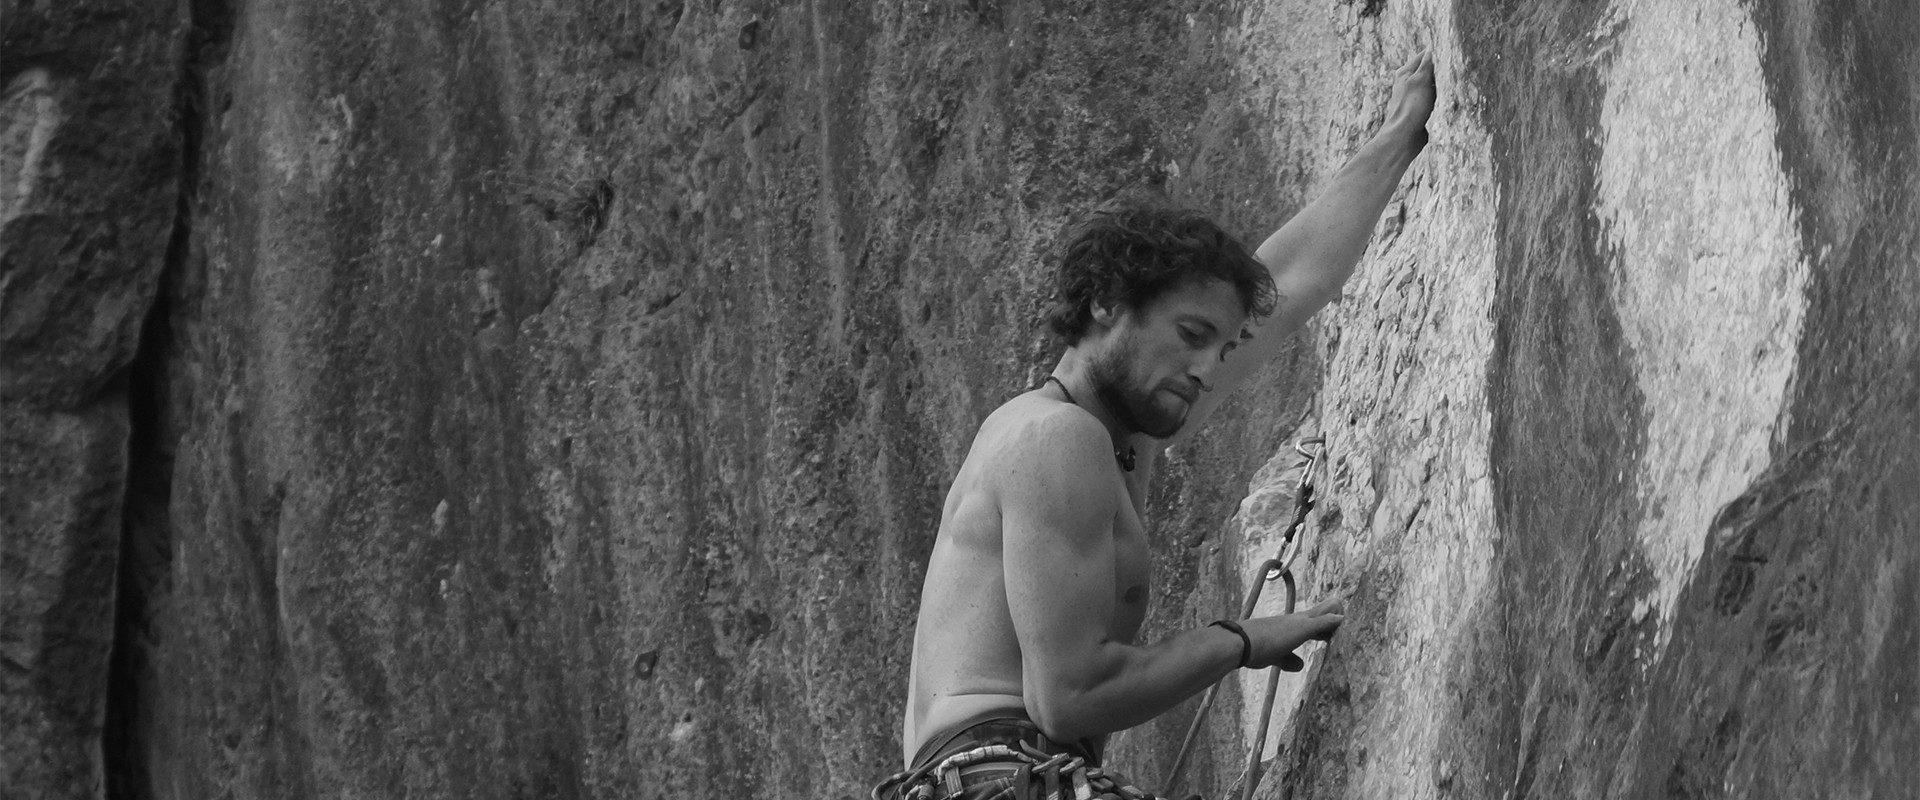 Christoph beim Klettern am Barmstein